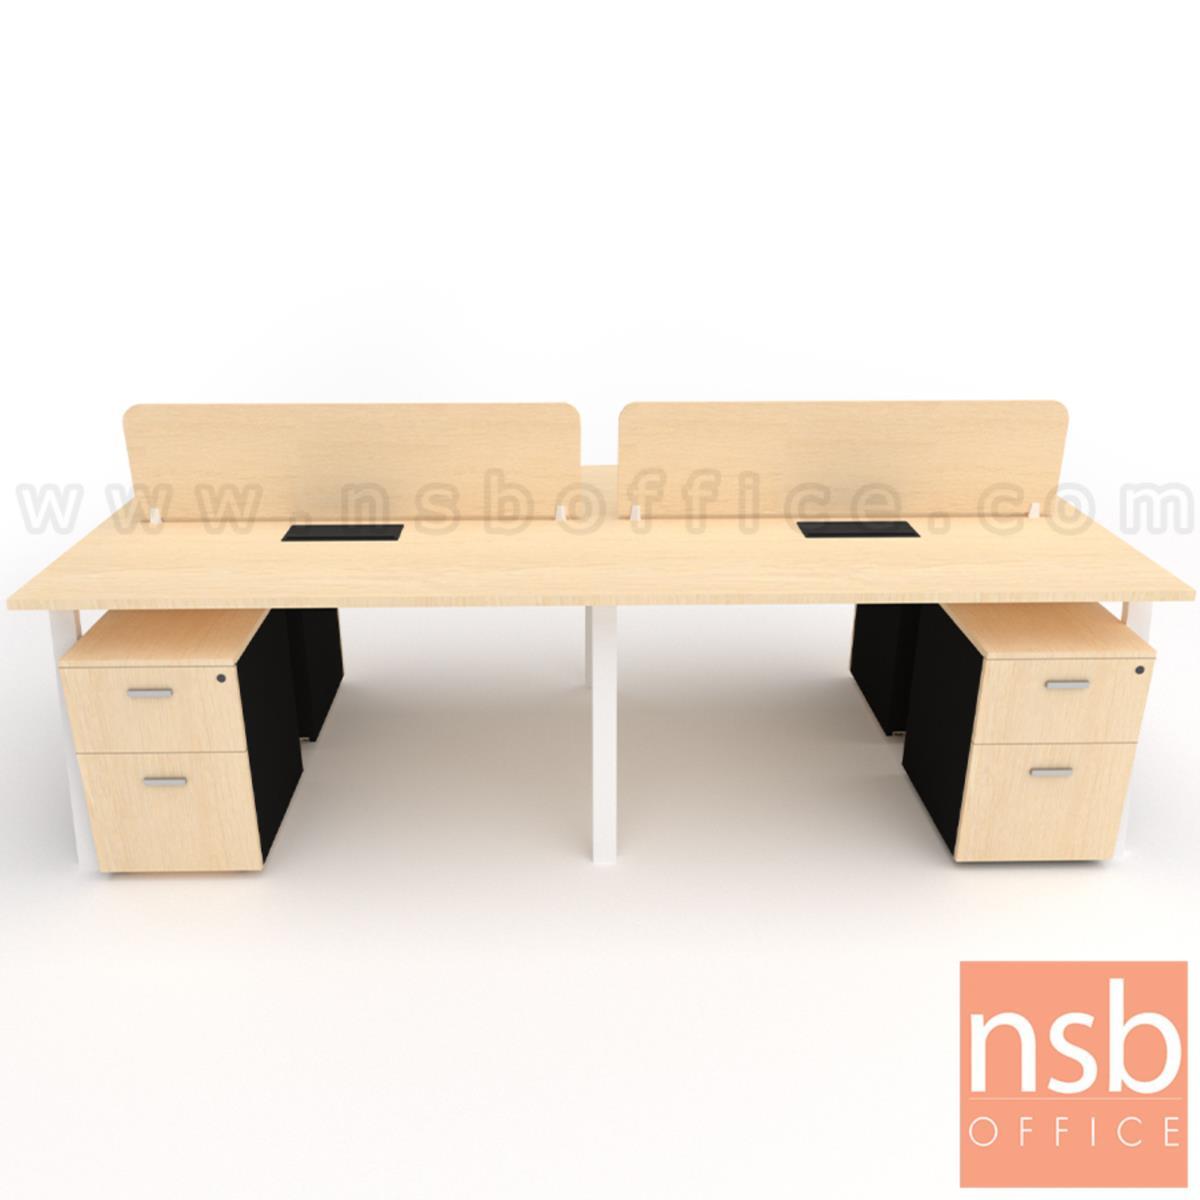 ชุดโต๊ะทำงานกลุ่ม 4 ที่นั่ง รุ่น Slash-5 (สแลช-5) พร้อมมินิสกรีนและลิ้นชักข้าง  พร้อมรางไฟ รหัส A24A034-1 ขาเหล็ก